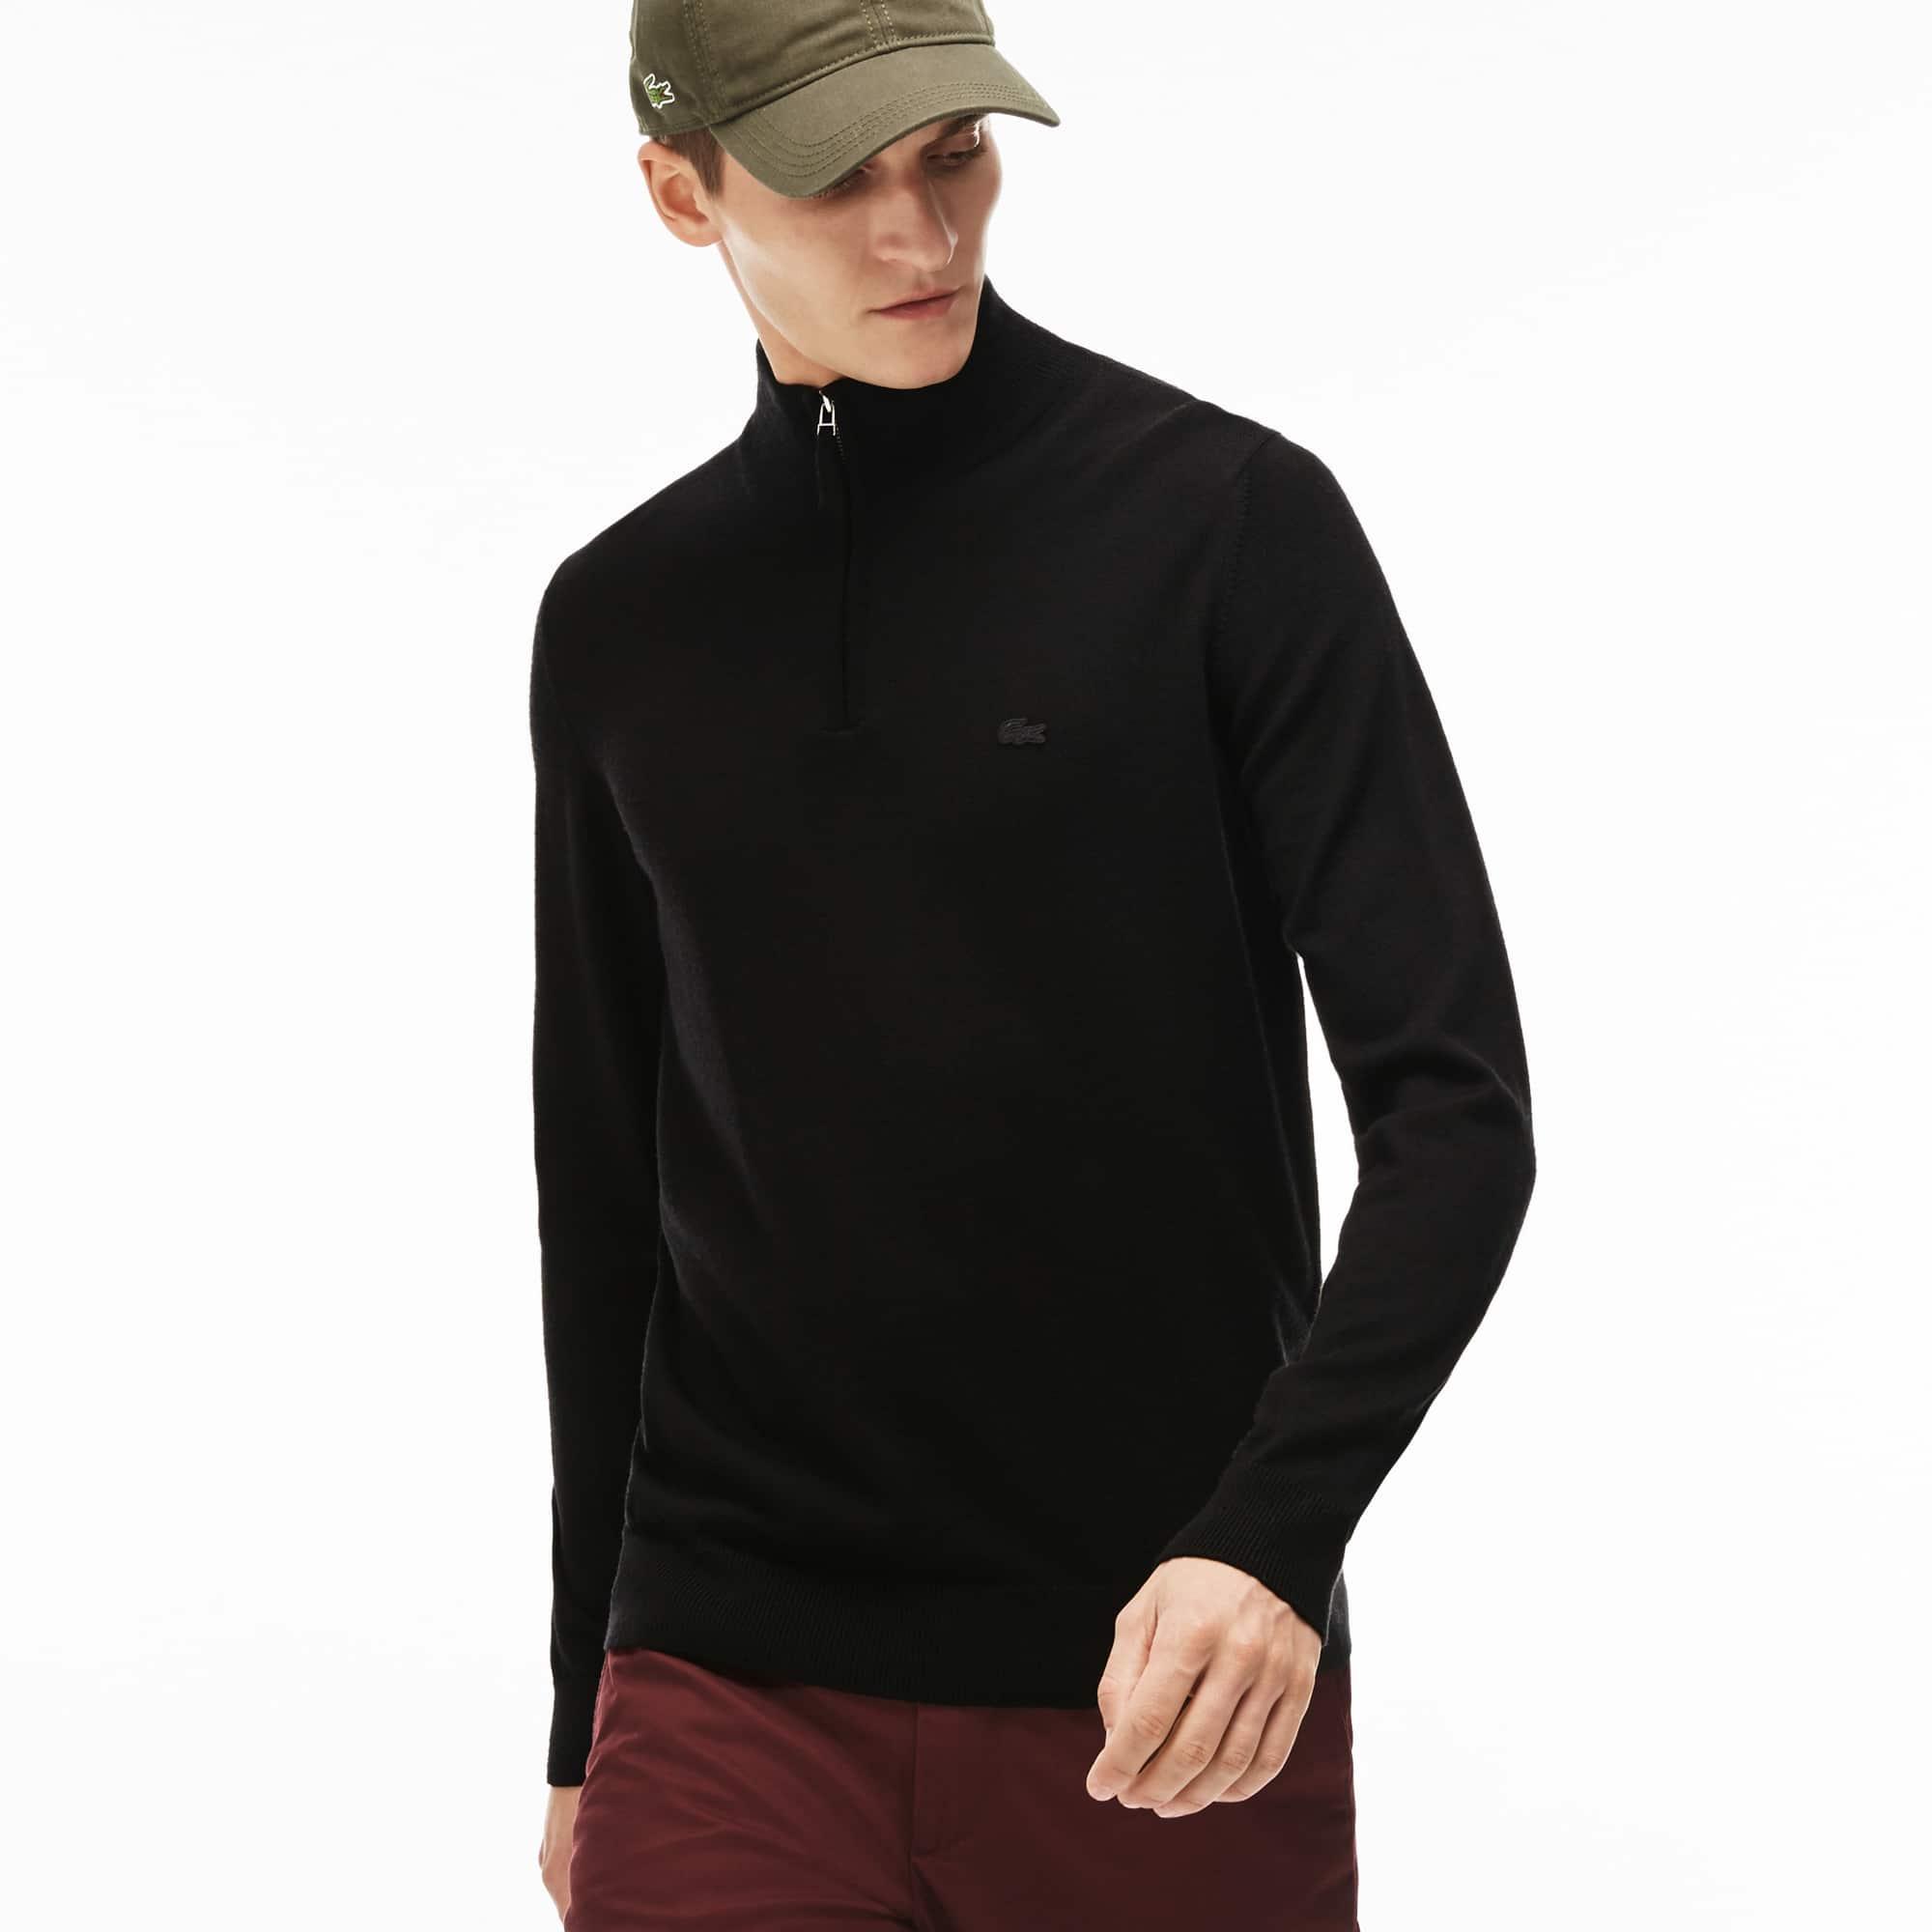 Herren-Pullover aus Woll-Jersey mit Reißverschluss und Stehkragen